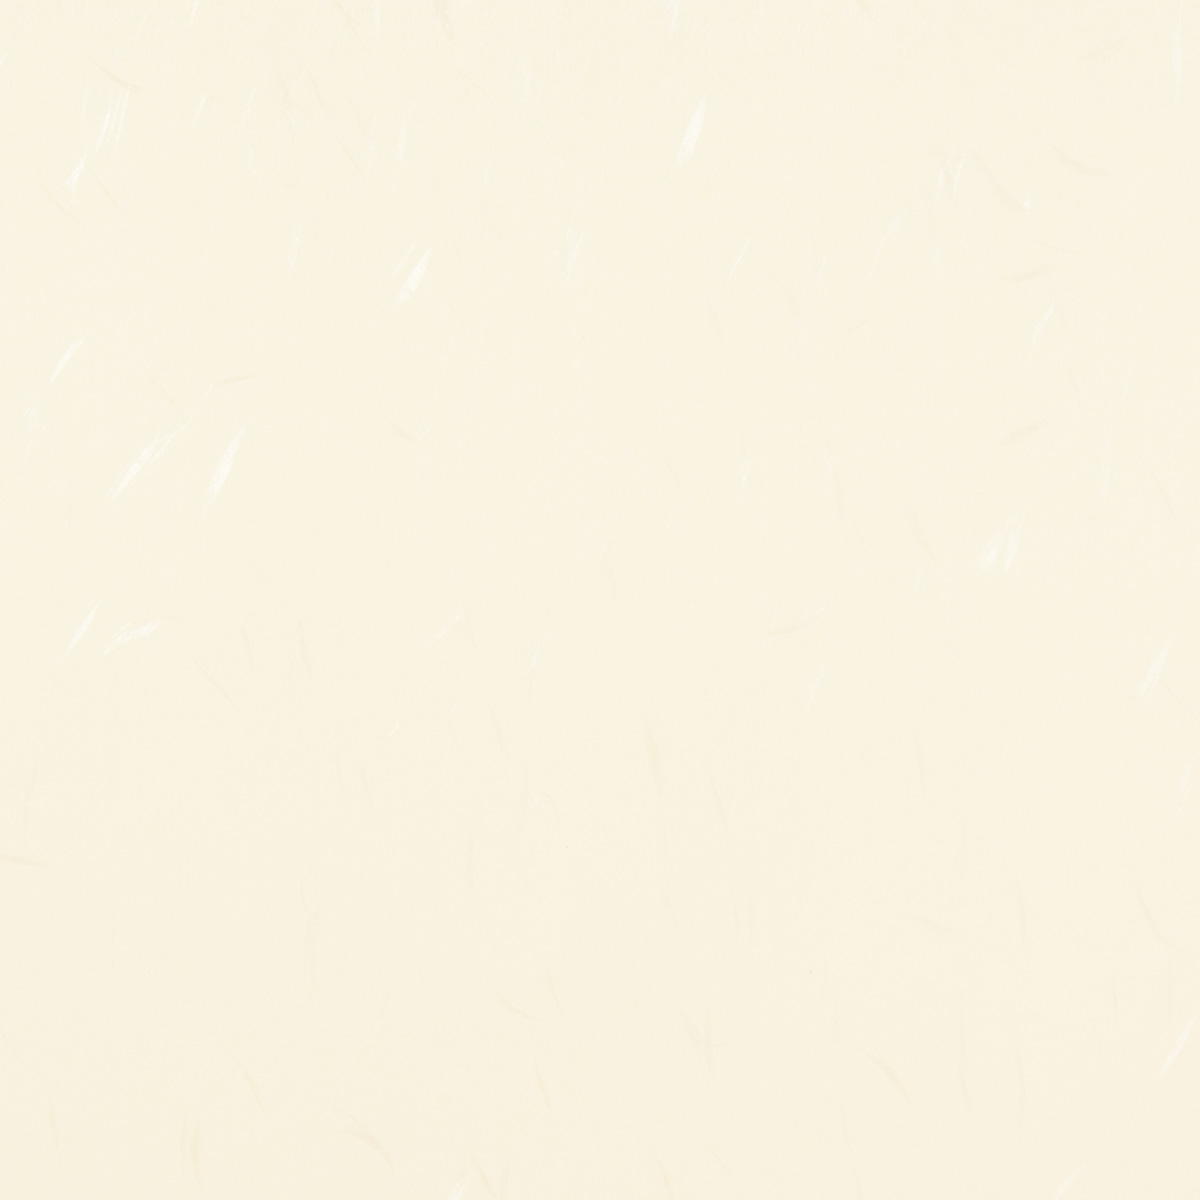 月華ニューカラー A4サイズ(50枚入) No.7 ウスクリーム